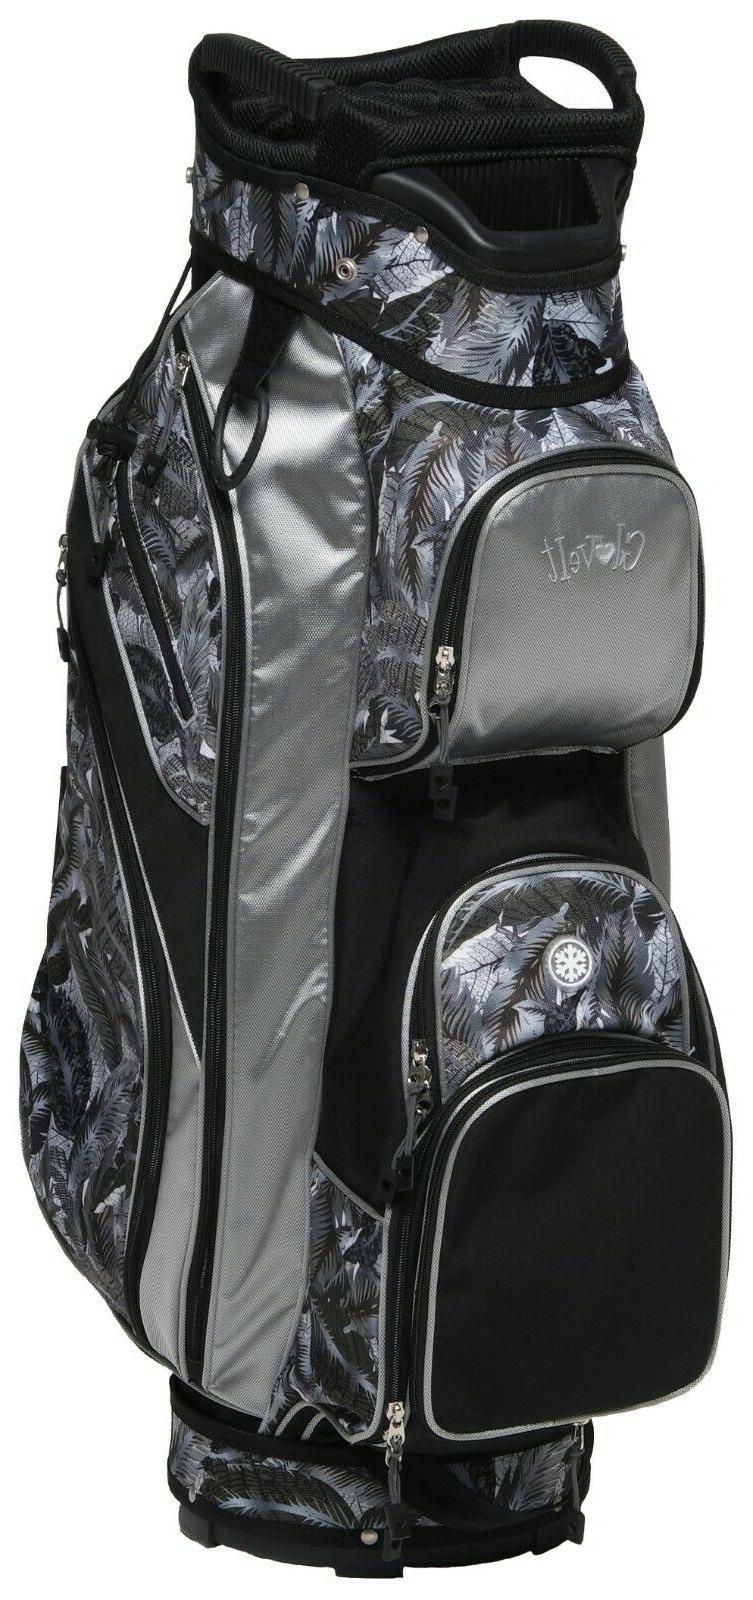 Glove Golf Bag 14